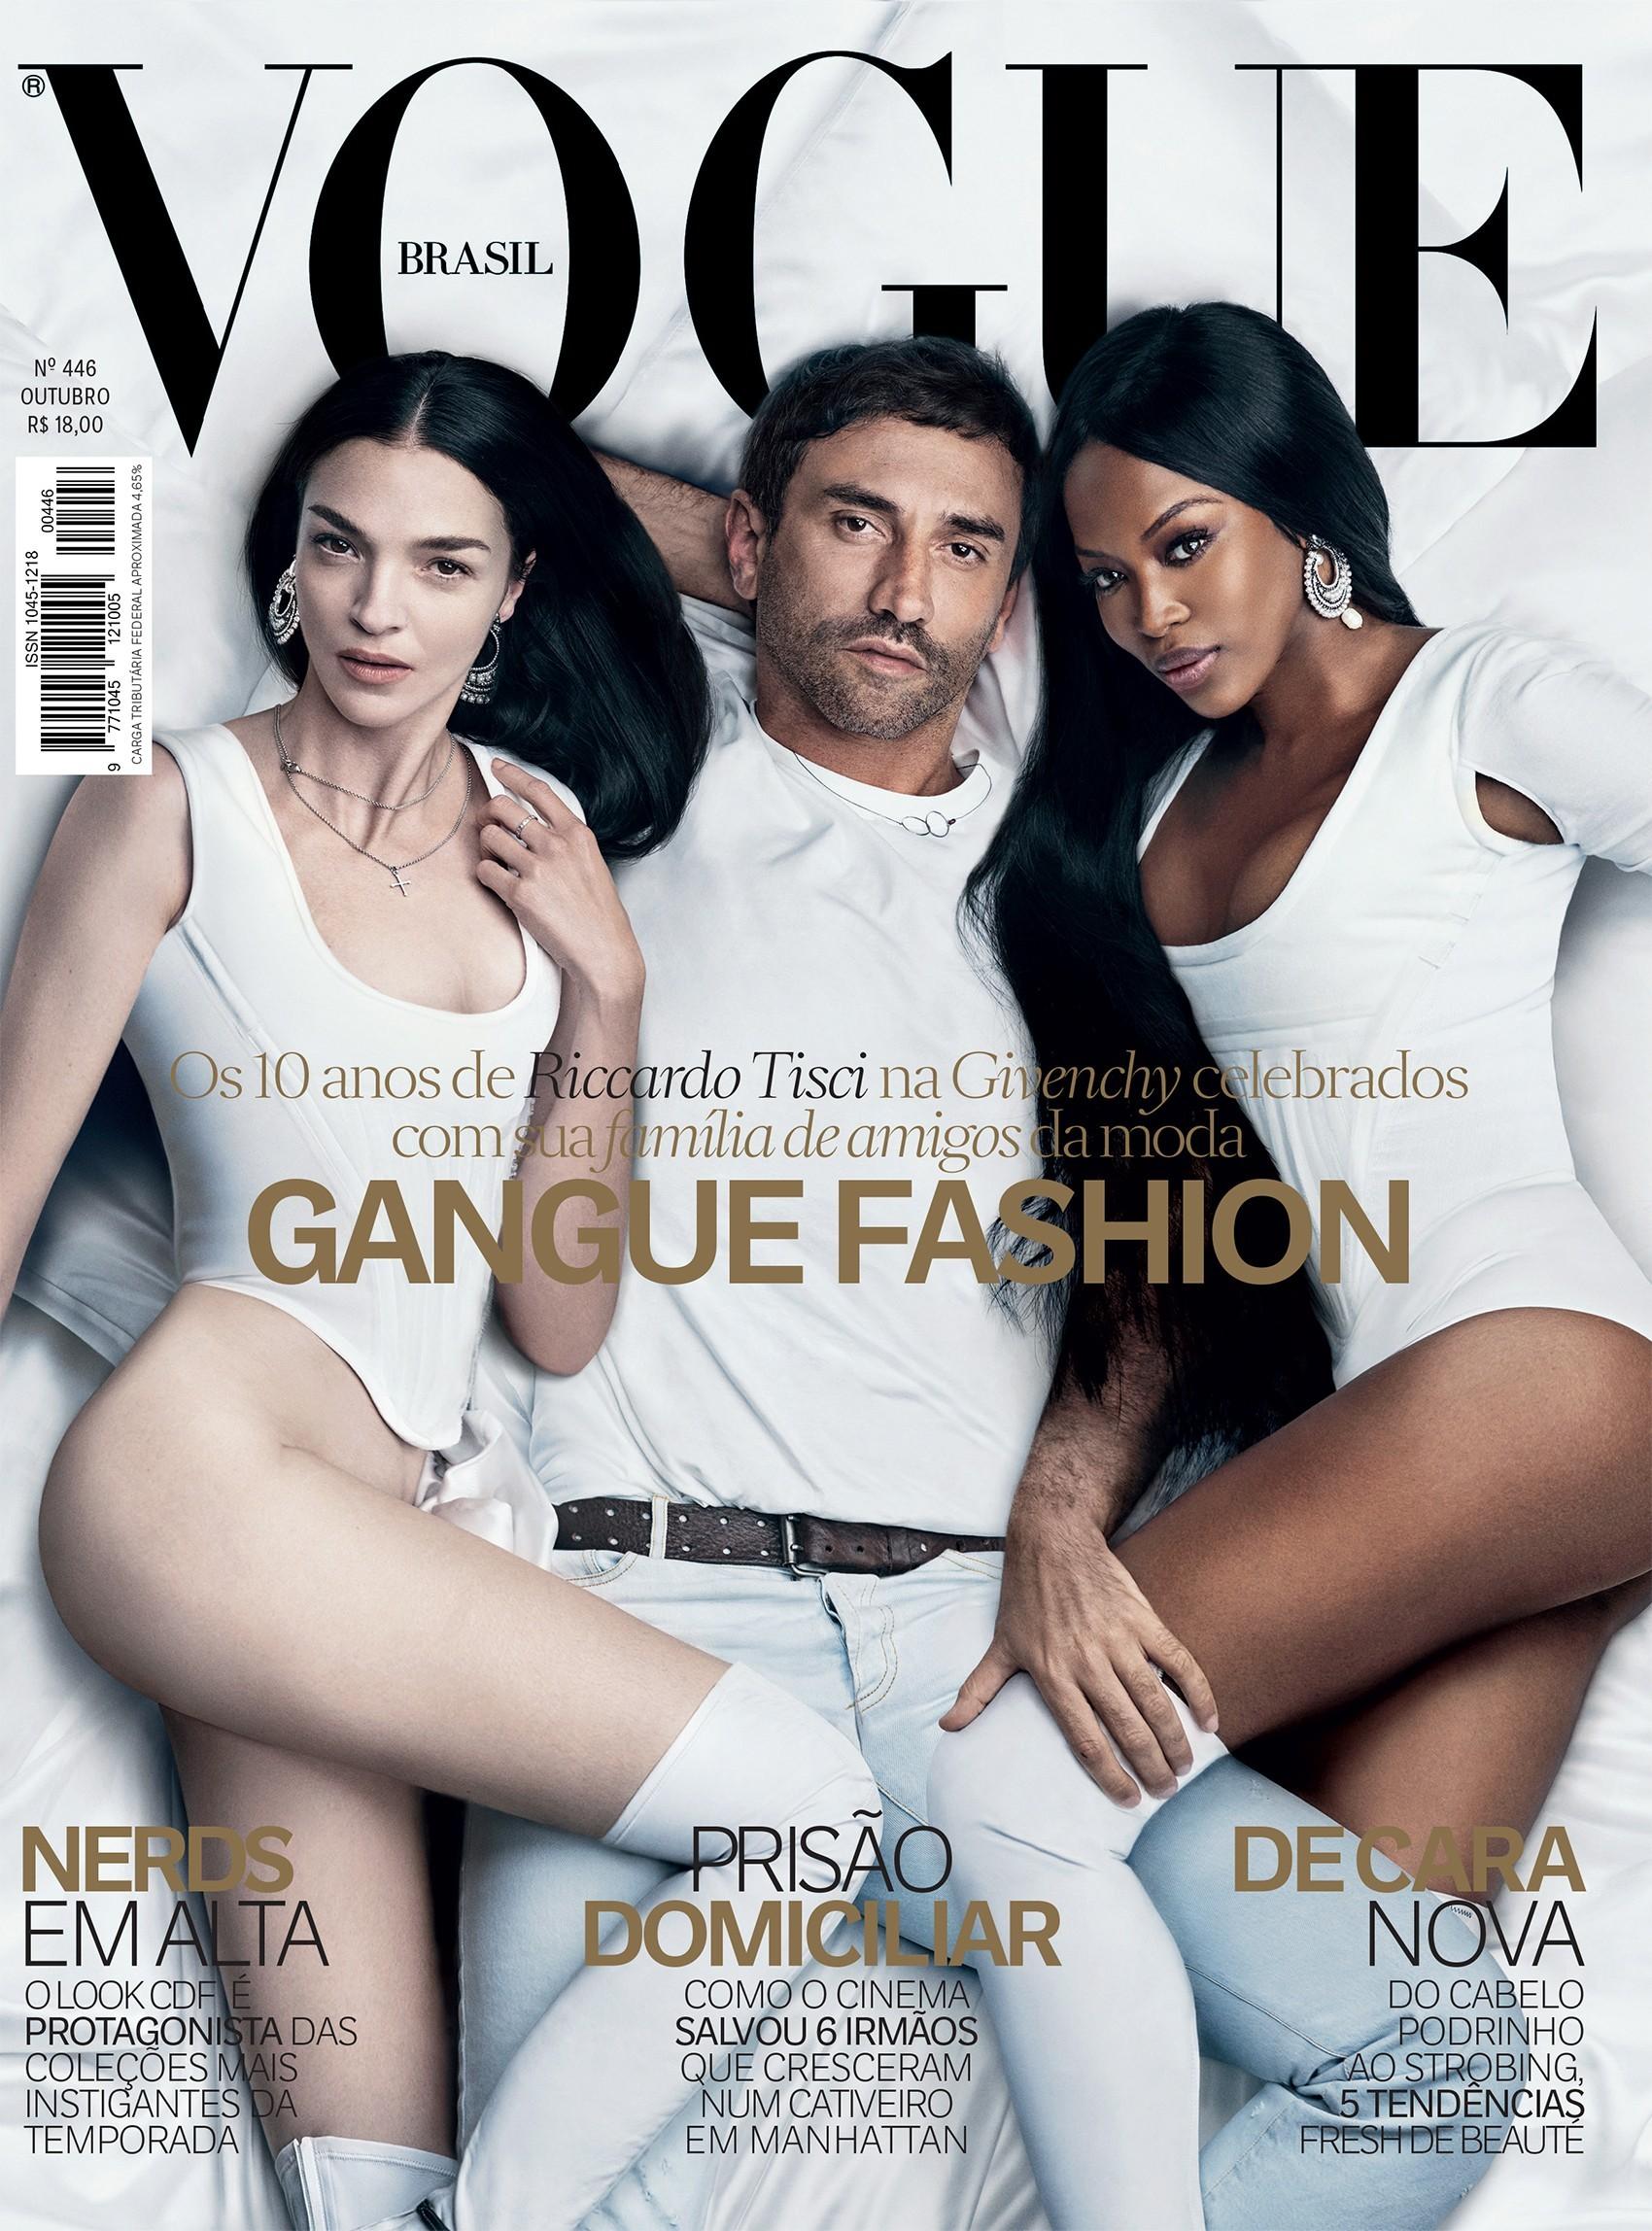 Riccardo Tisci na capa da Vogue de outubro de 2015 (Foto: Arquivo Vogue)